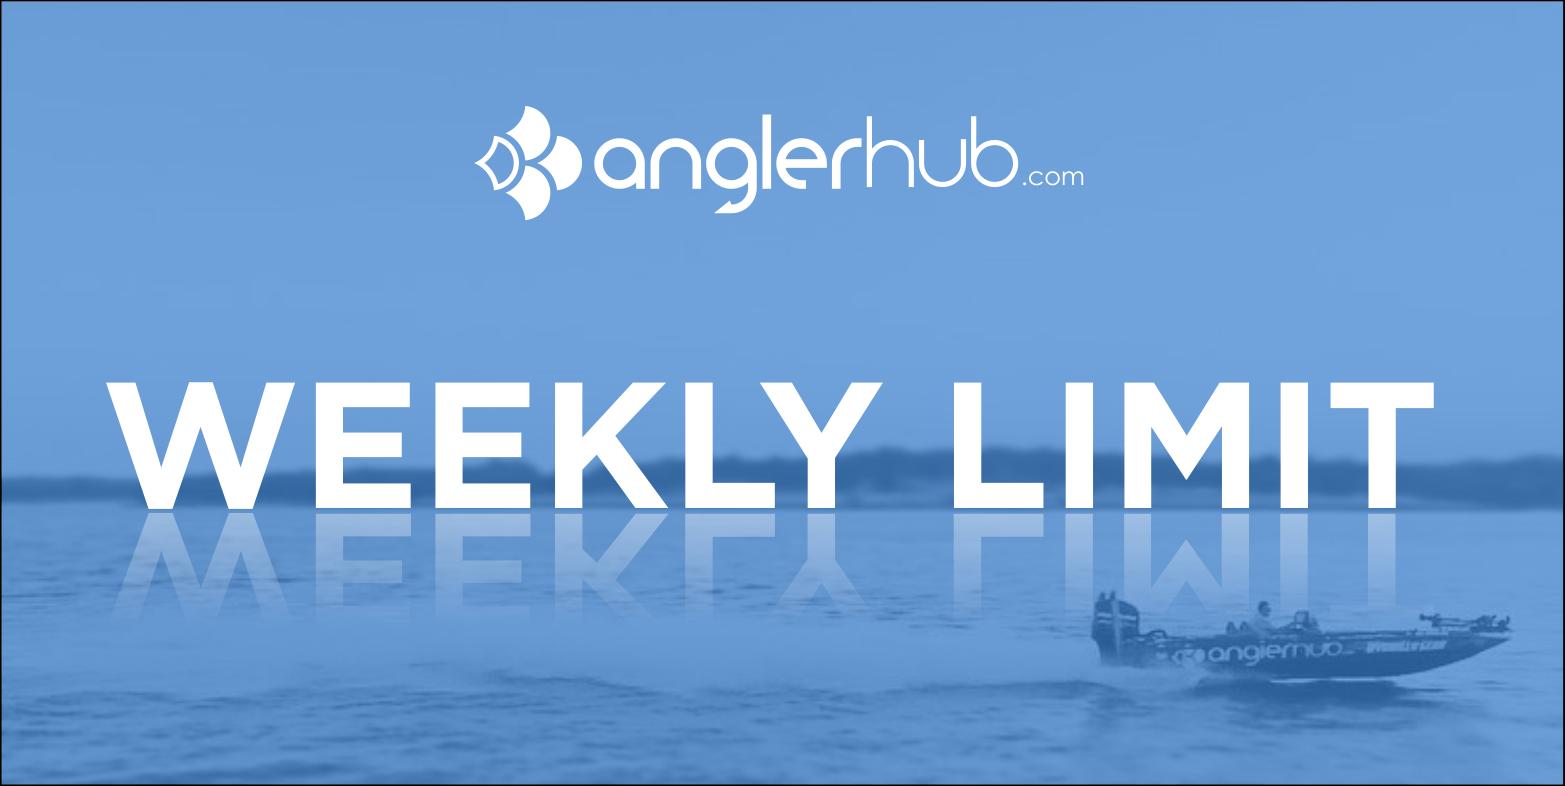 Angler Hub Weekly Limit